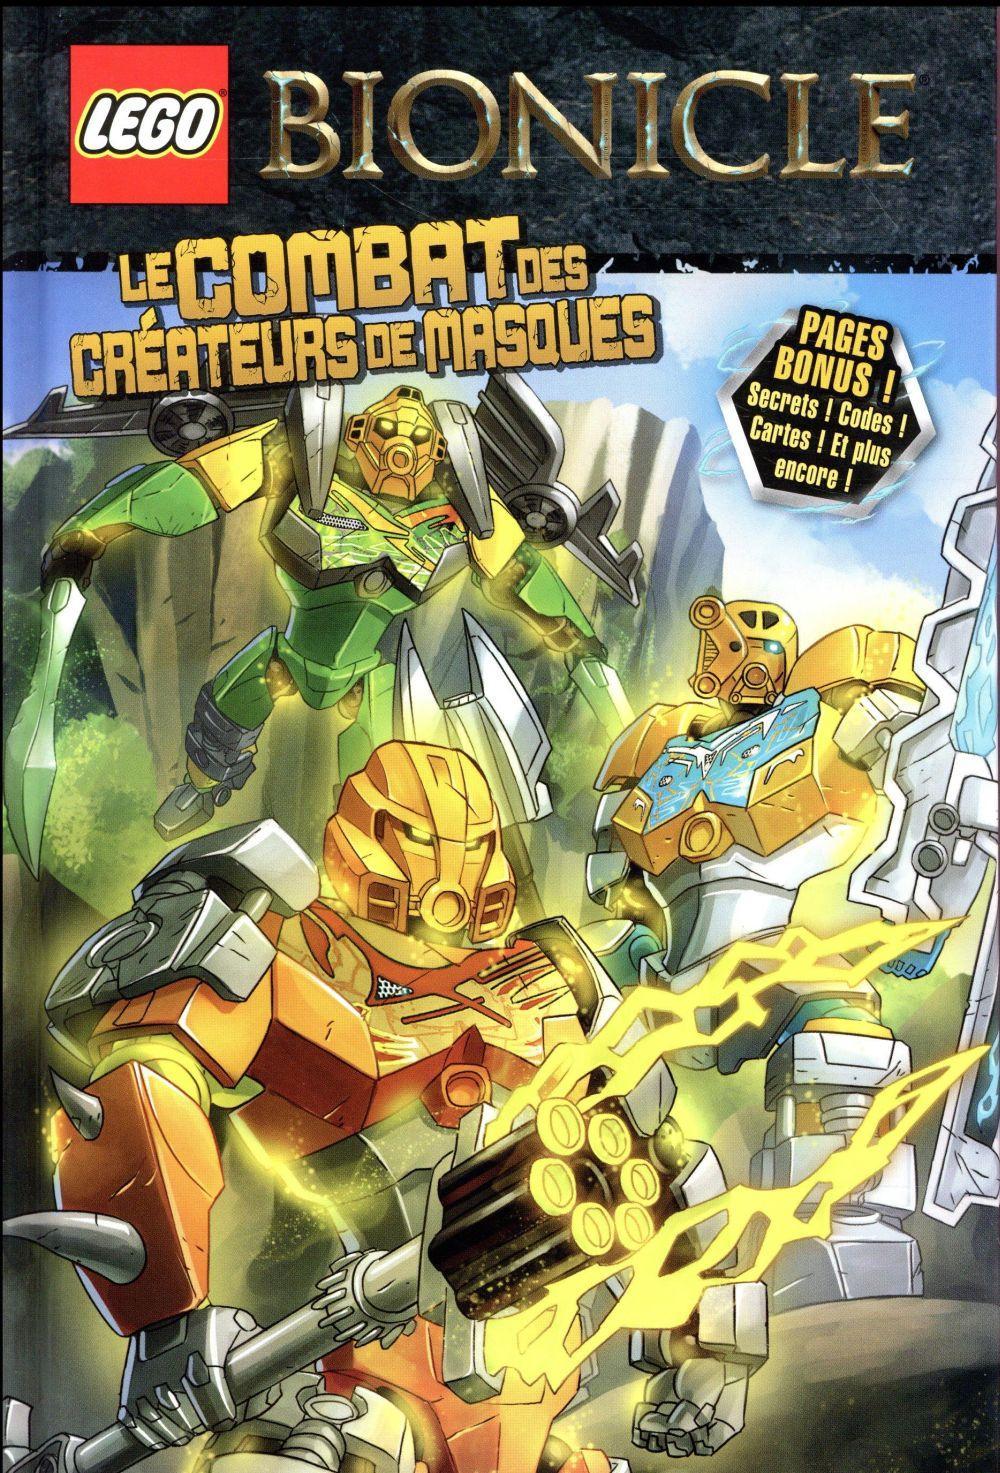 Vente grand choix de 2019 riche et magnifique Lego Bionicle ; le combat des créateurs de masques ...